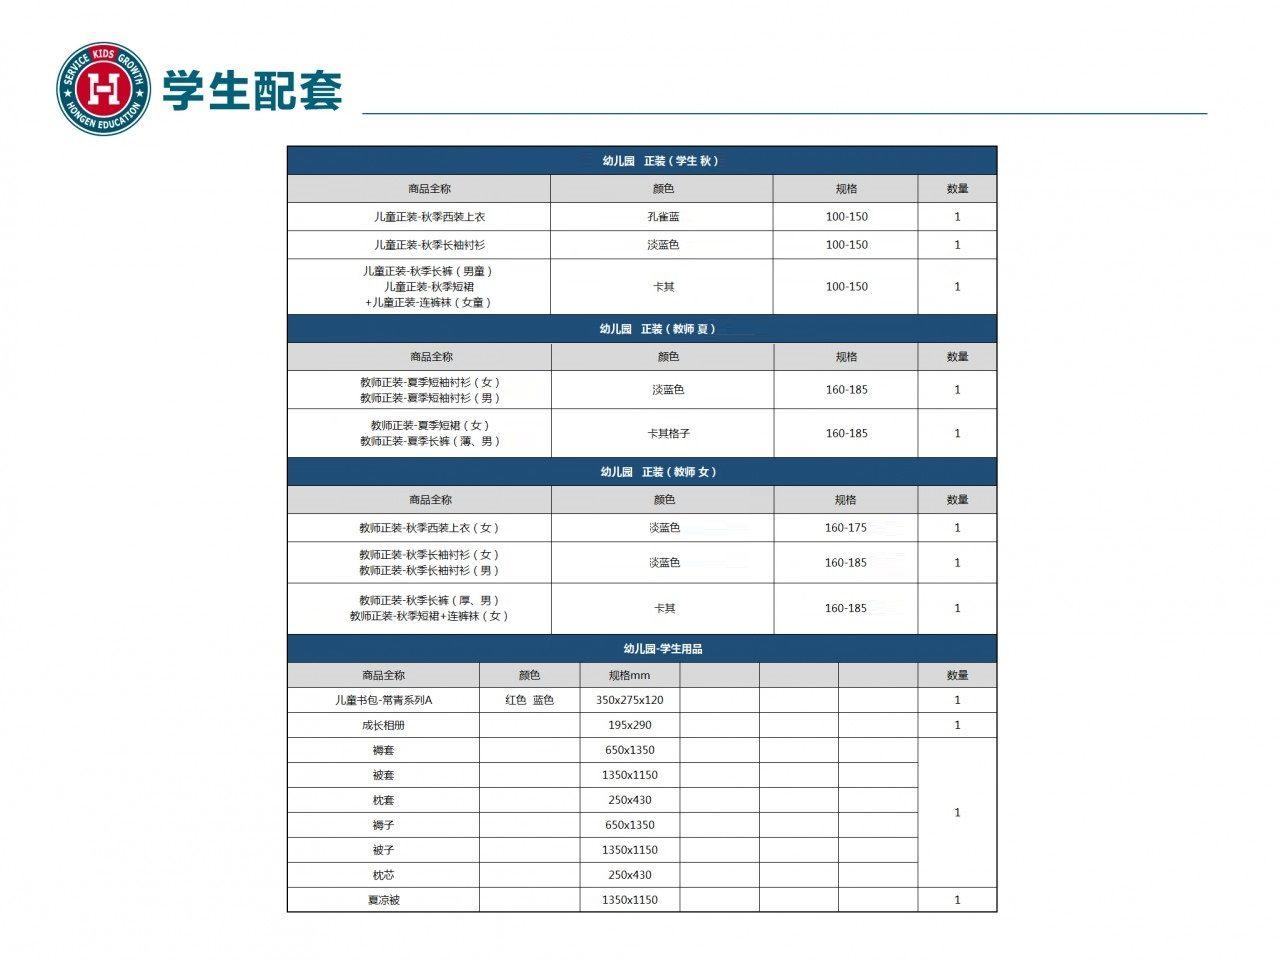 学生配套-产品目录-删除价格 2